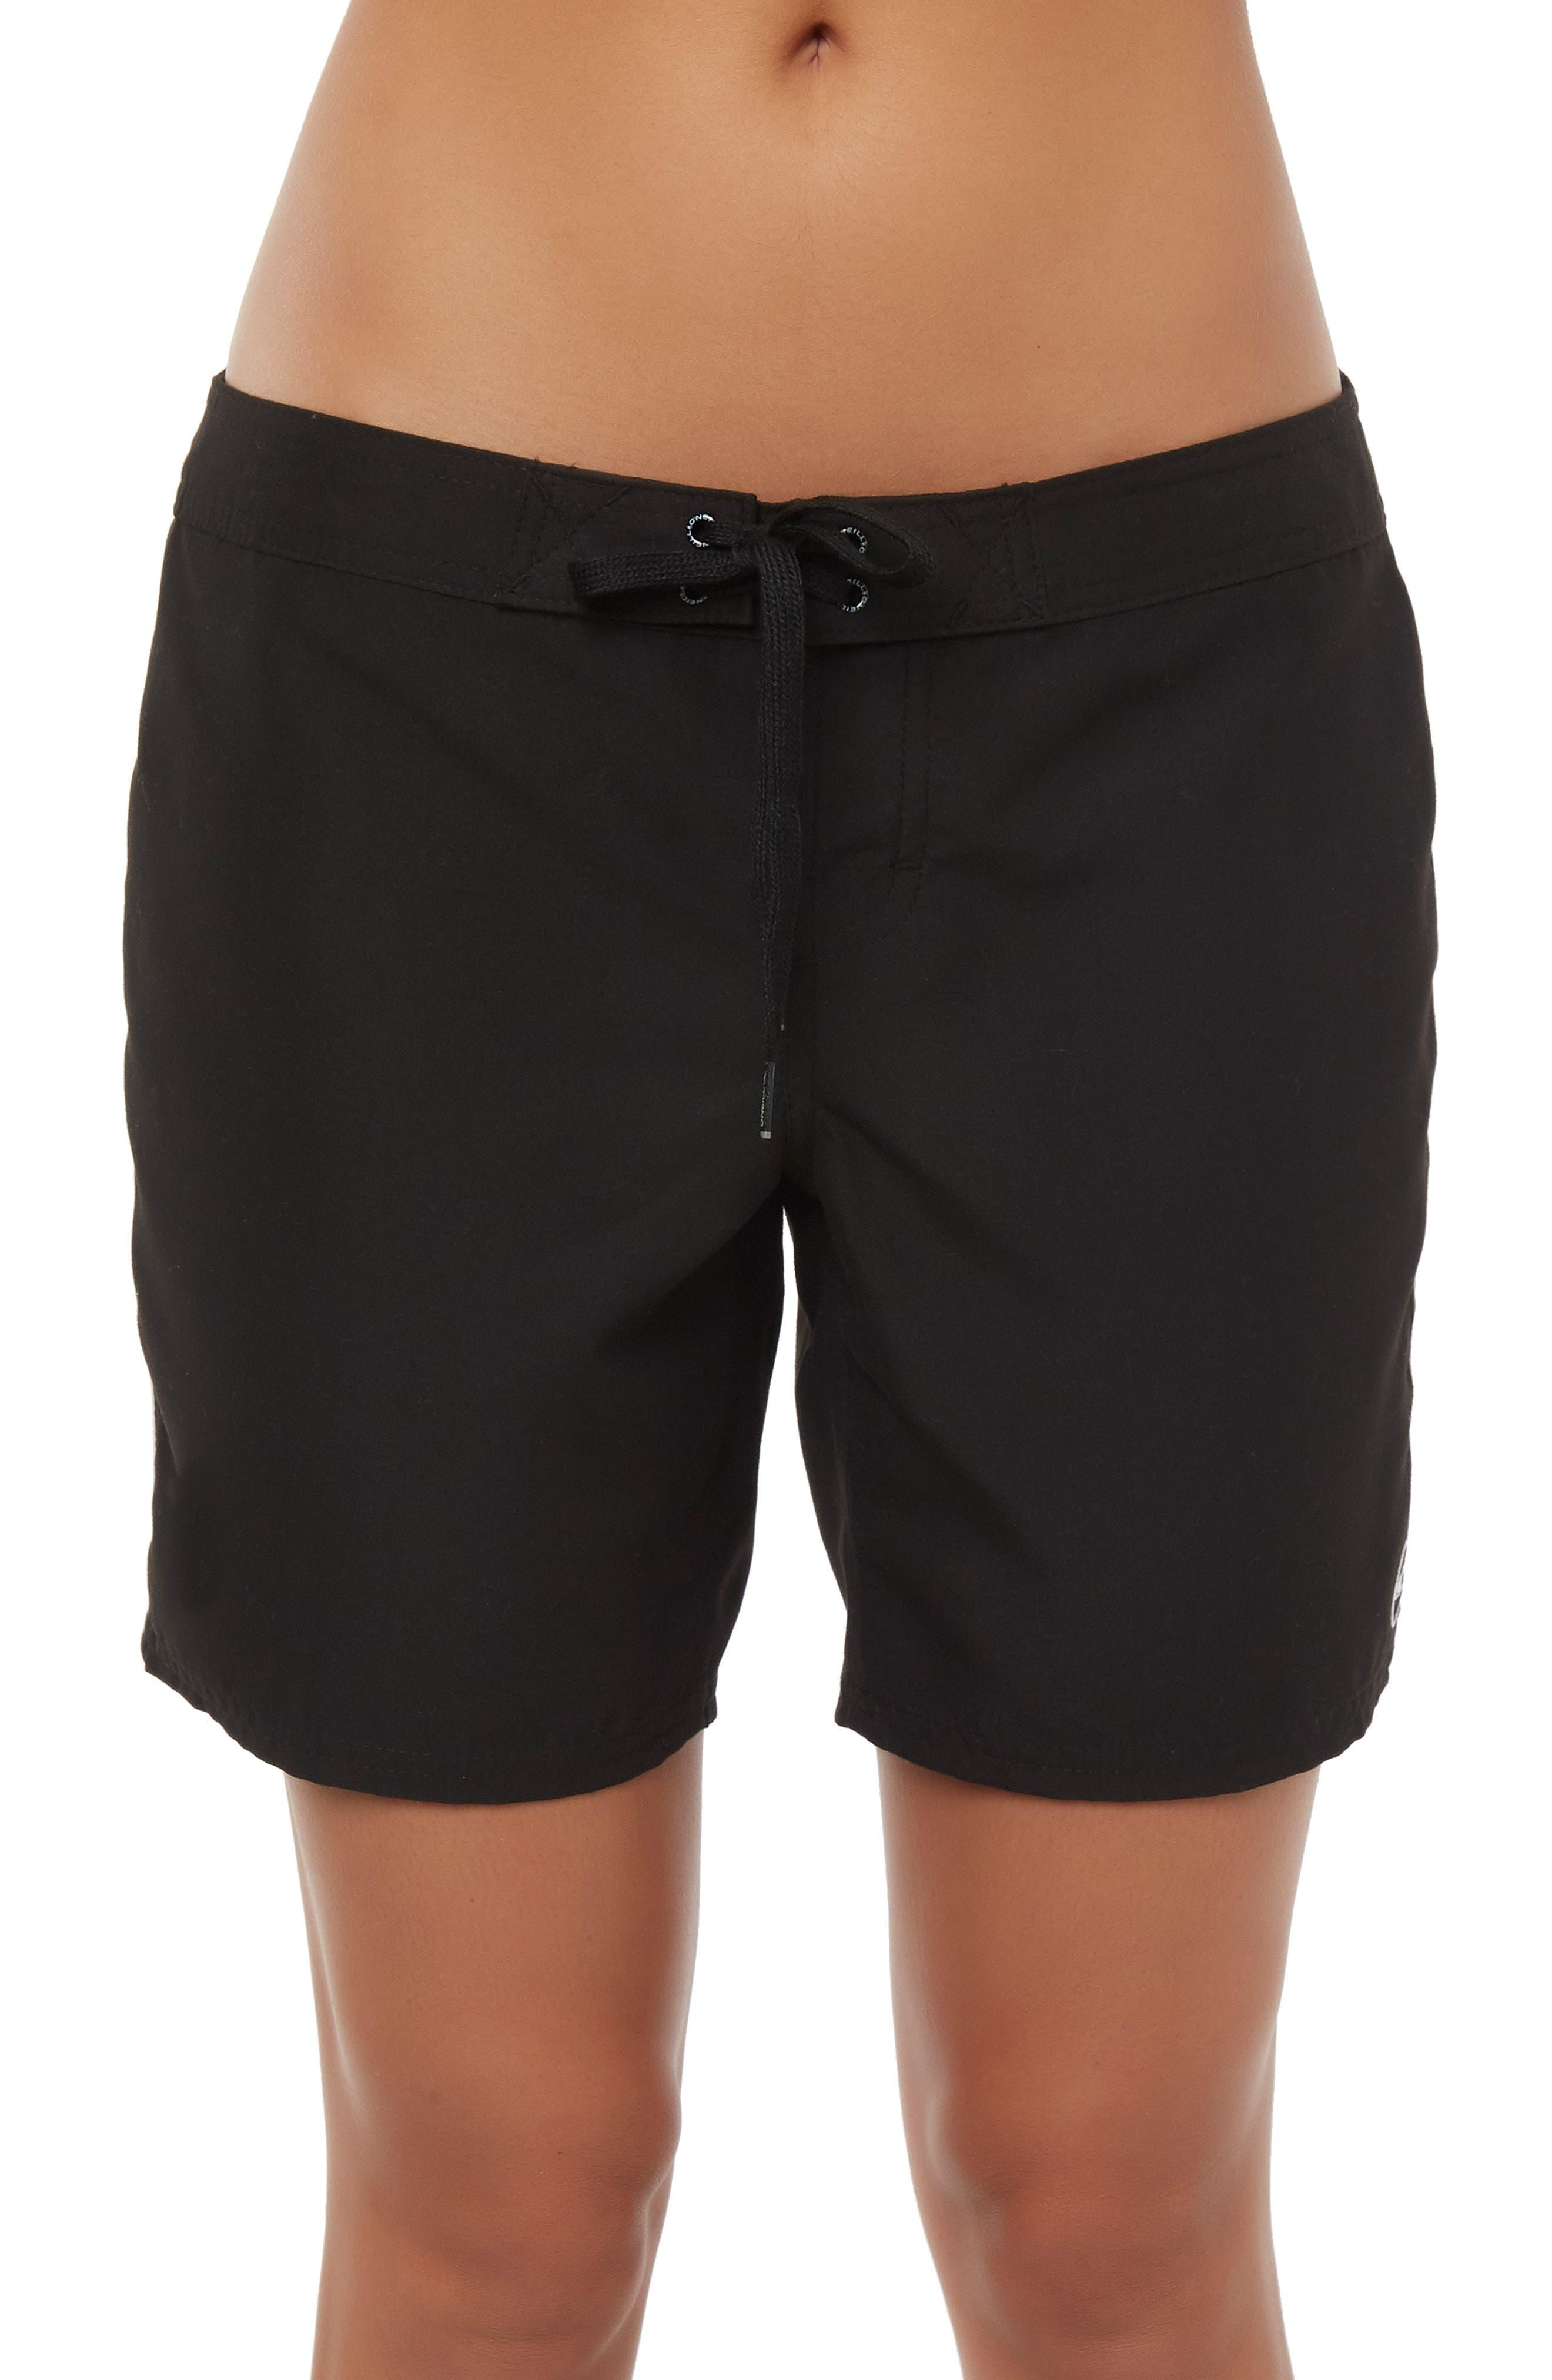 Salt Water Board Shorts,                             Main thumbnail 1, color,                             BLACK